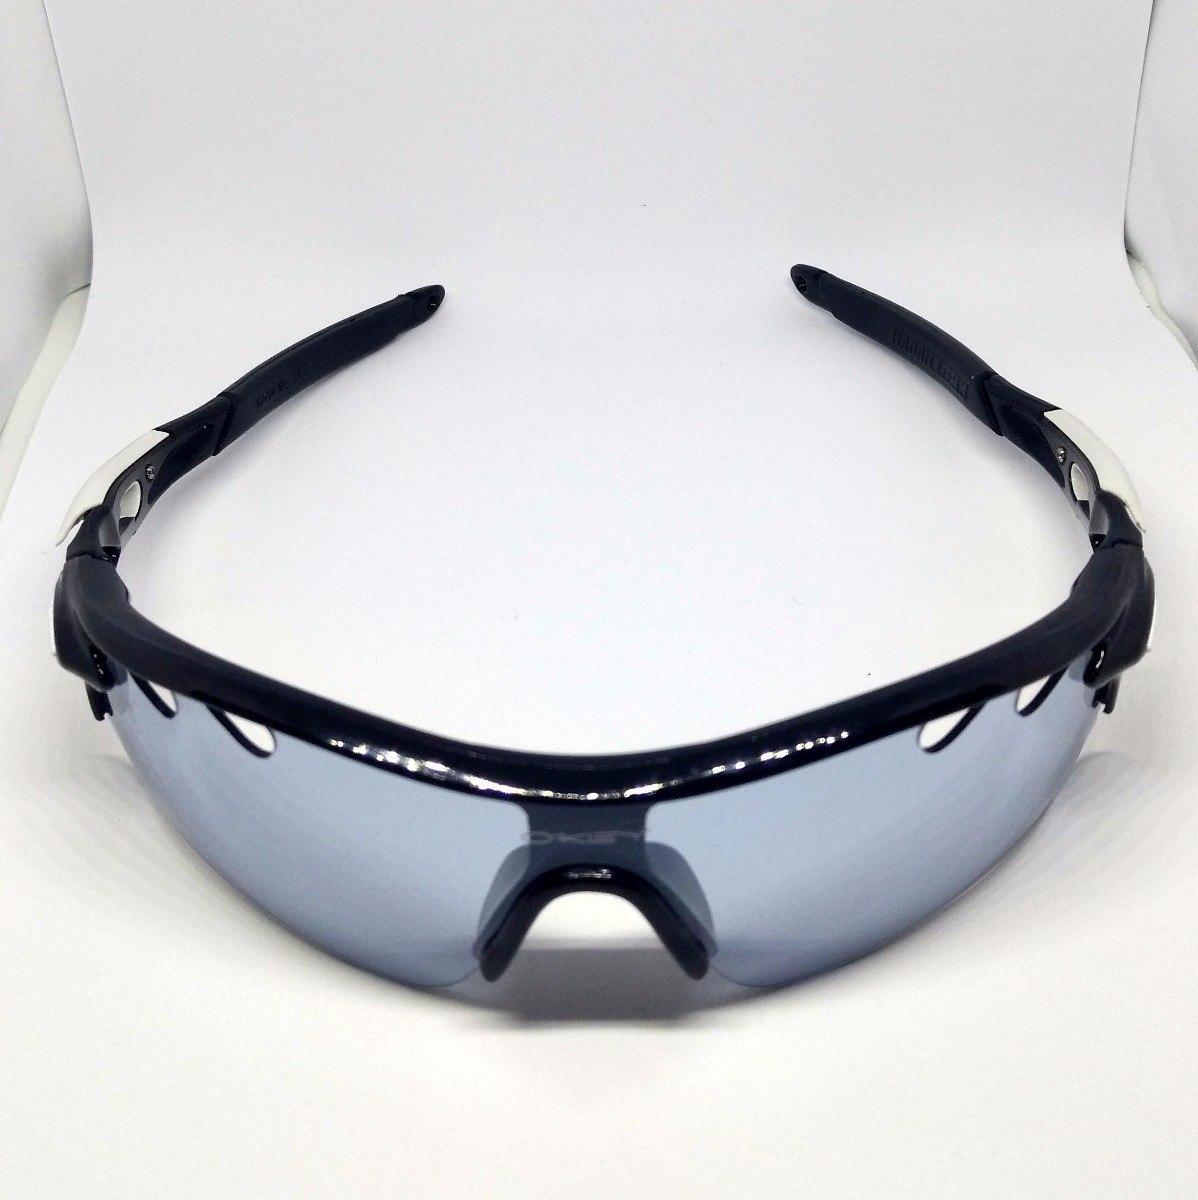 Oculos Visao Noturna Original Sport Promocao - R  100,95 em Mercado ... c6c3dff1c6